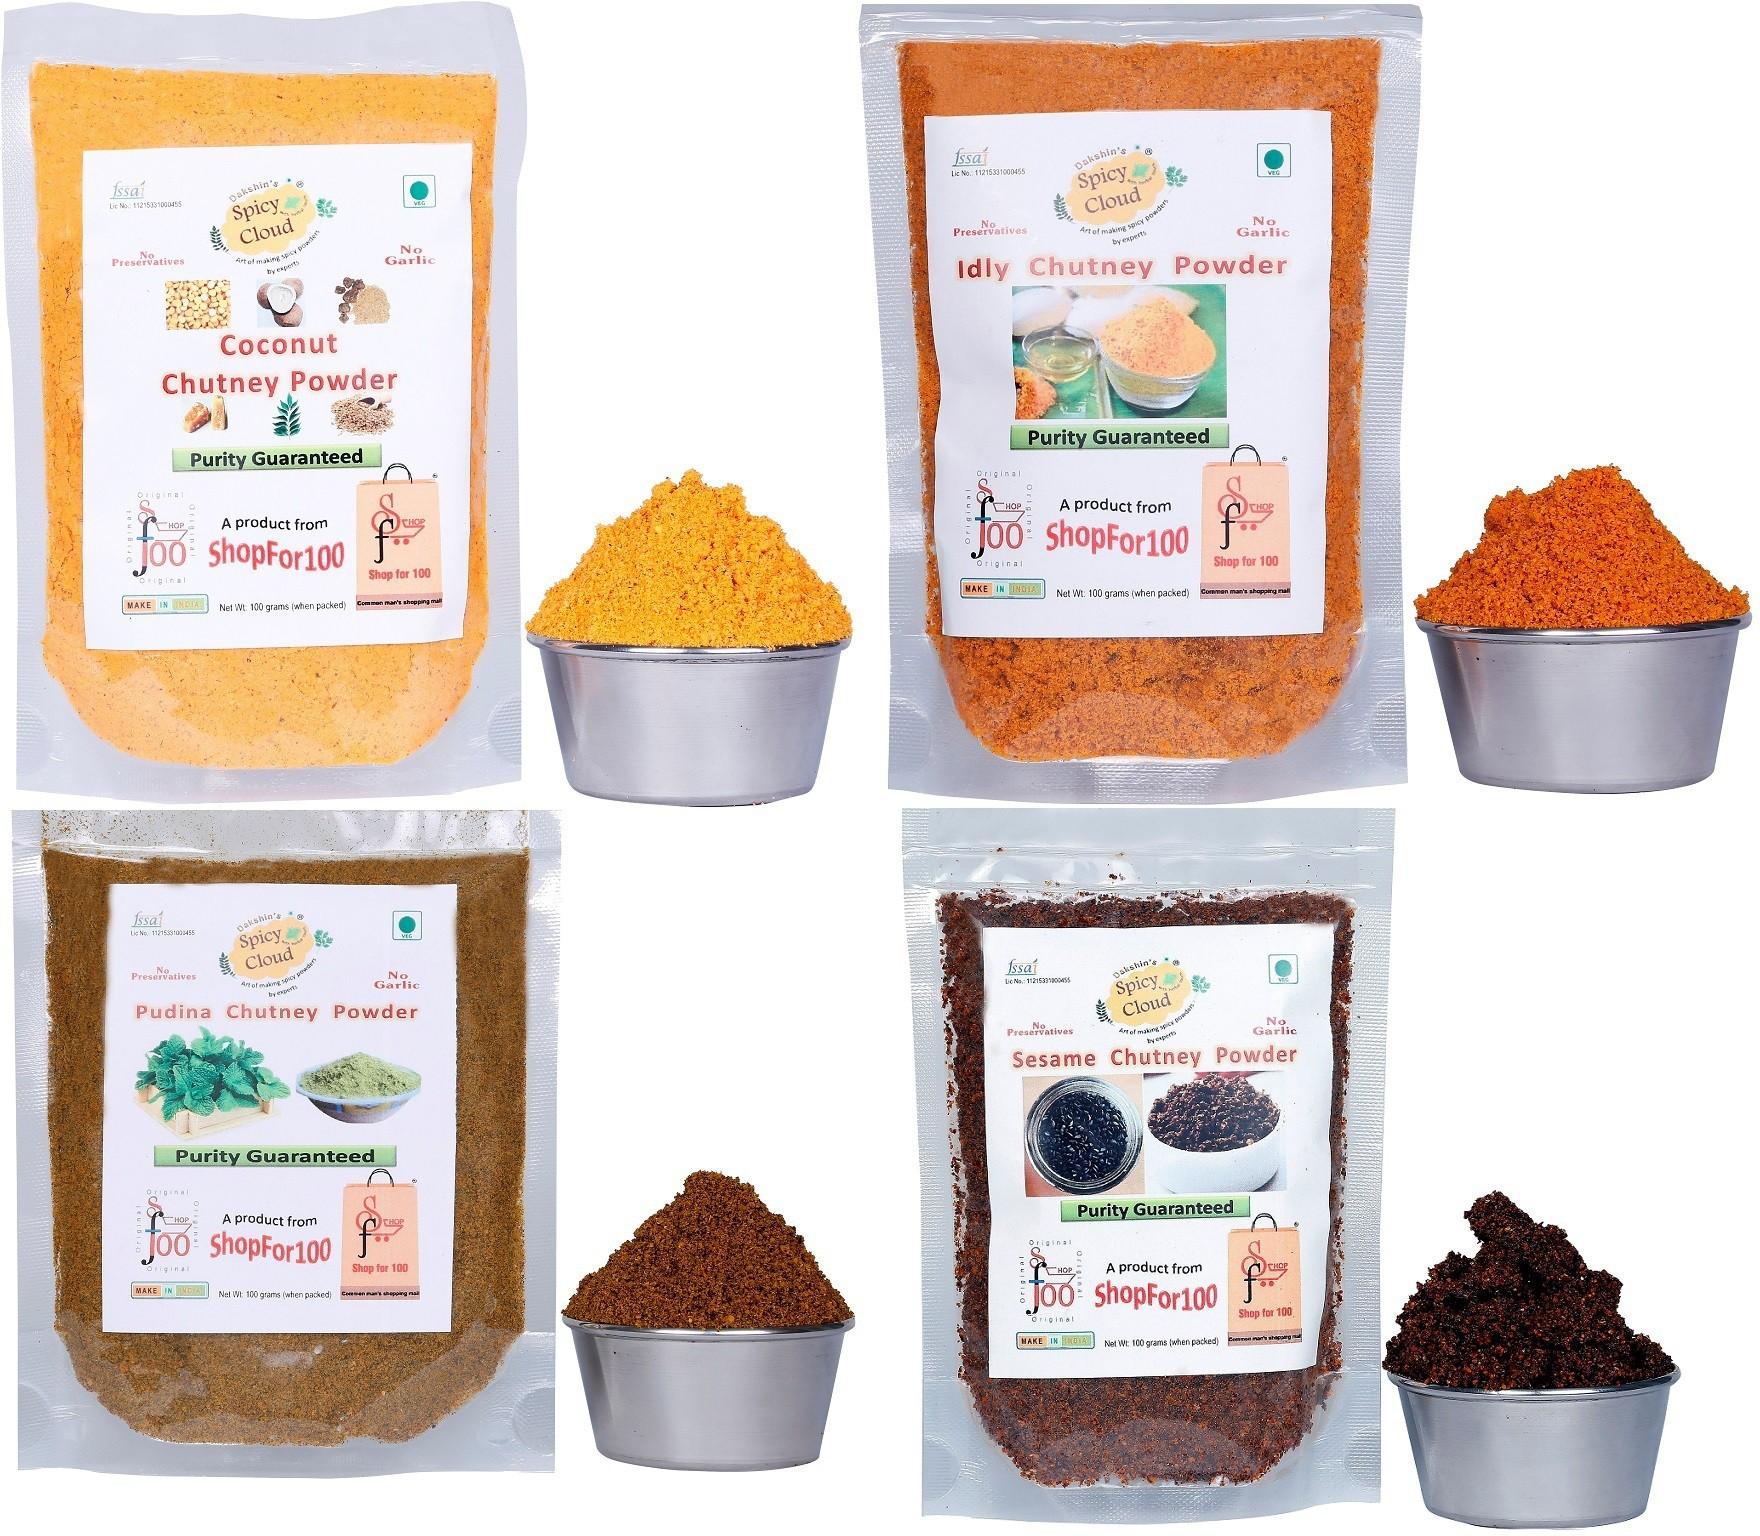 Dakshin's Spicy Cloud 4 powders Chutney Powder